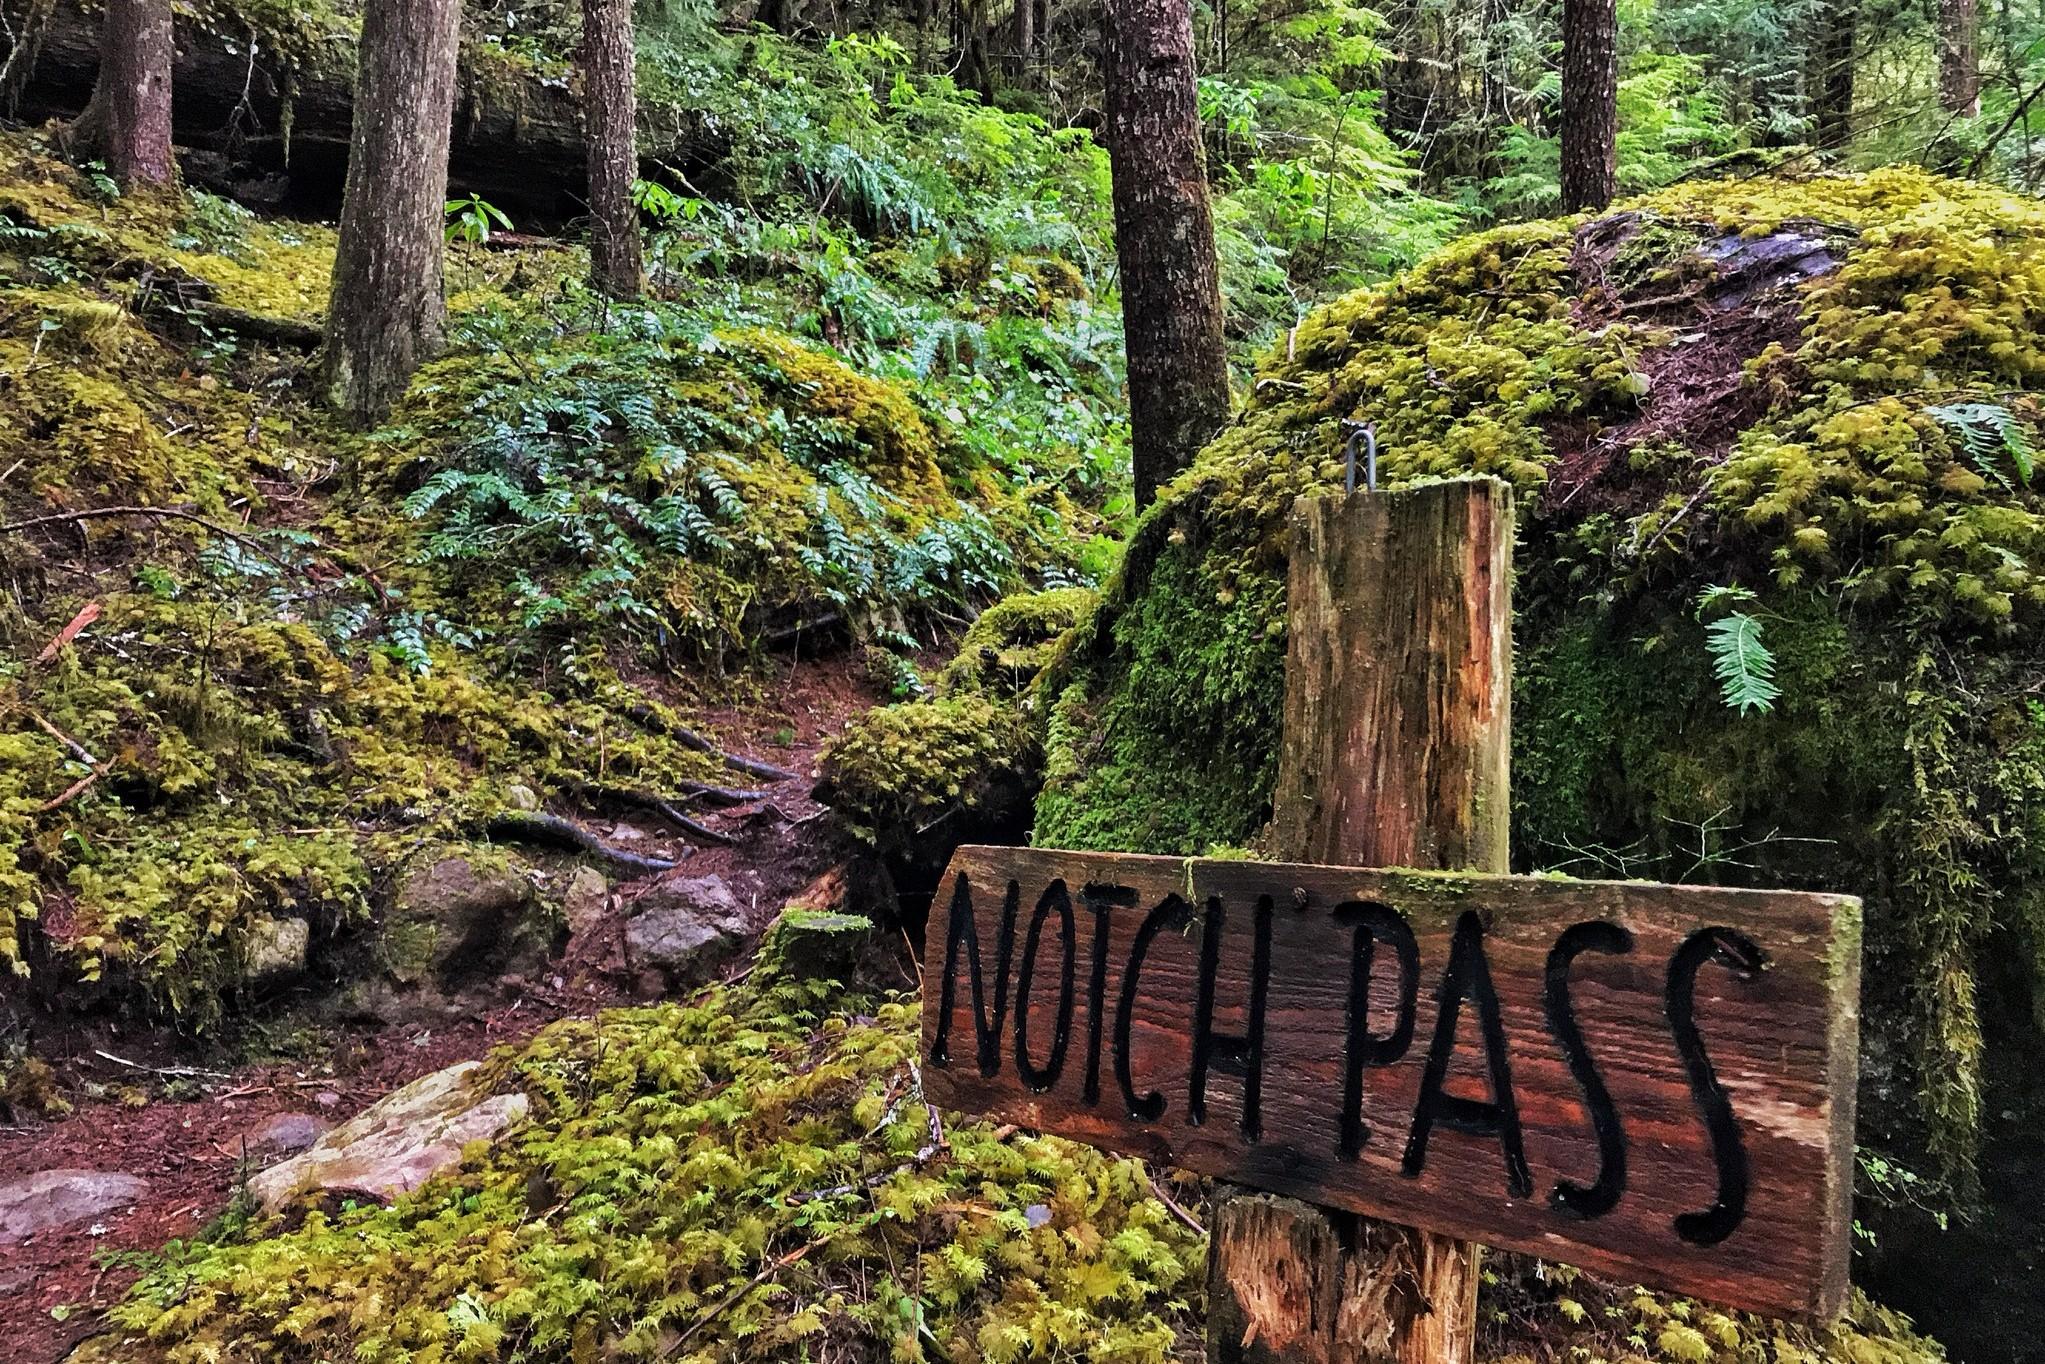 Notch Pass. Photo by cswestii..jpeg